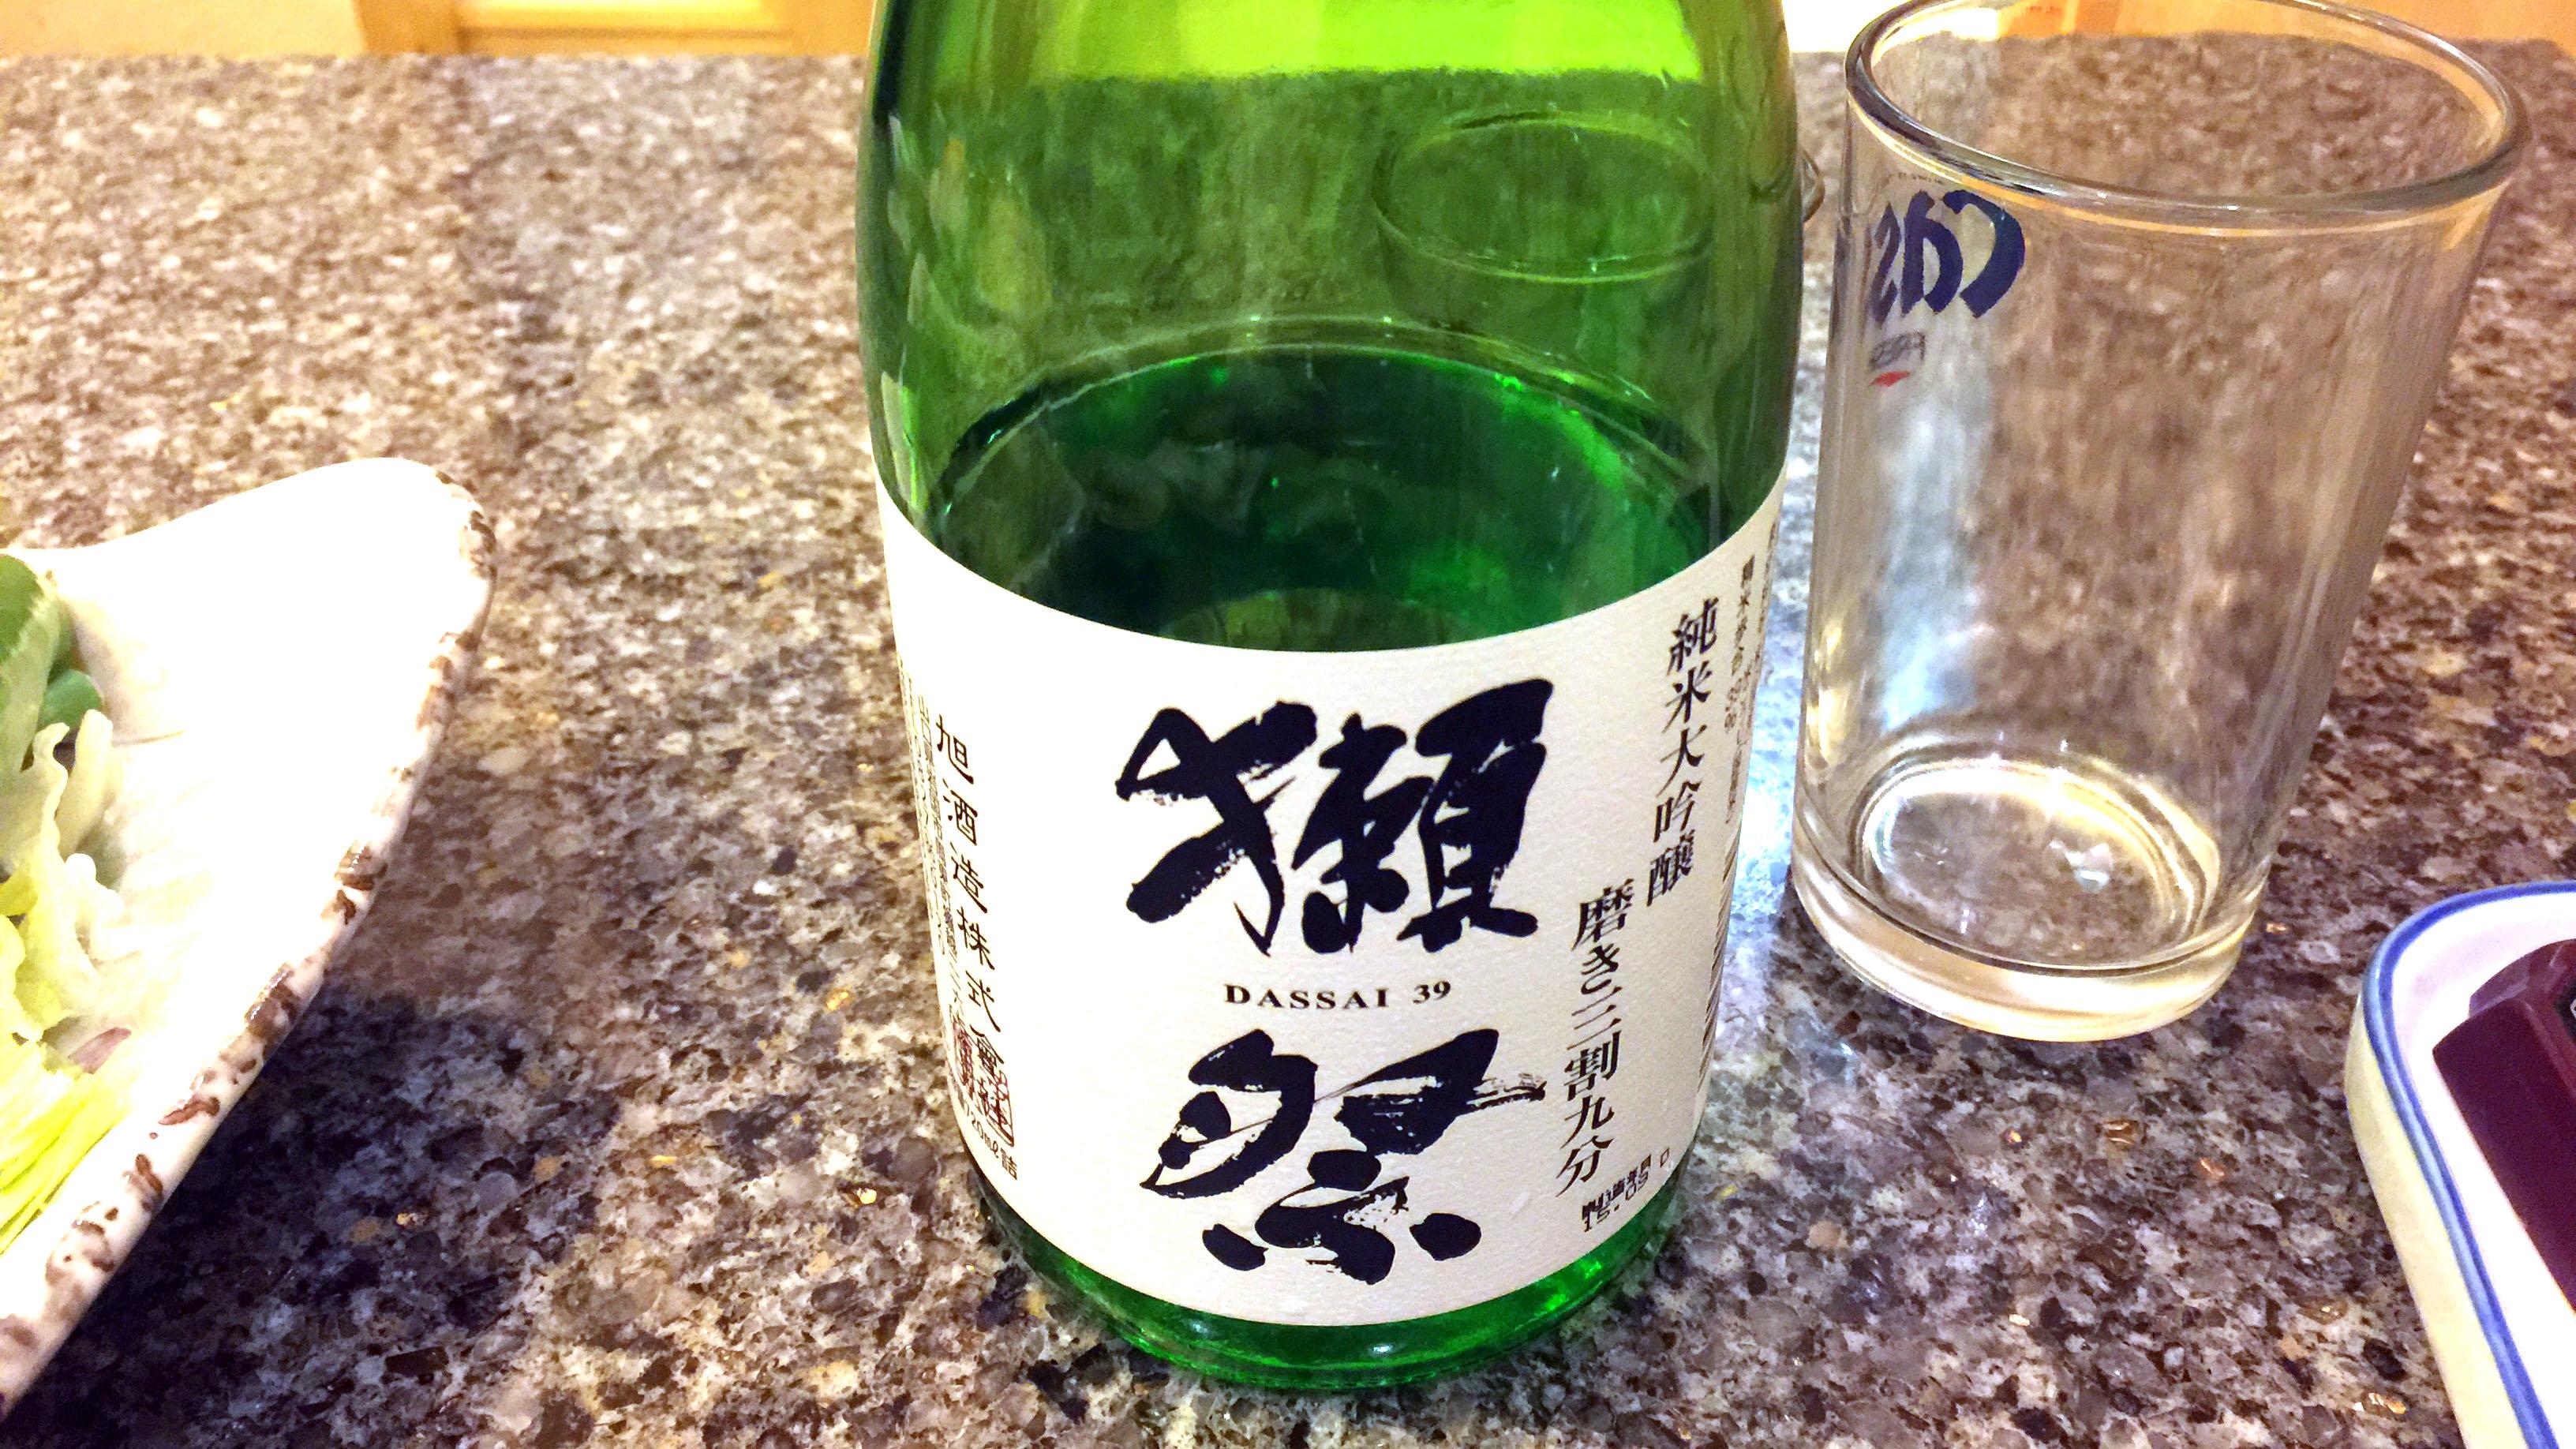 닷사이 쥰마이다이긴죠 미가키 산와리큐부 히이레